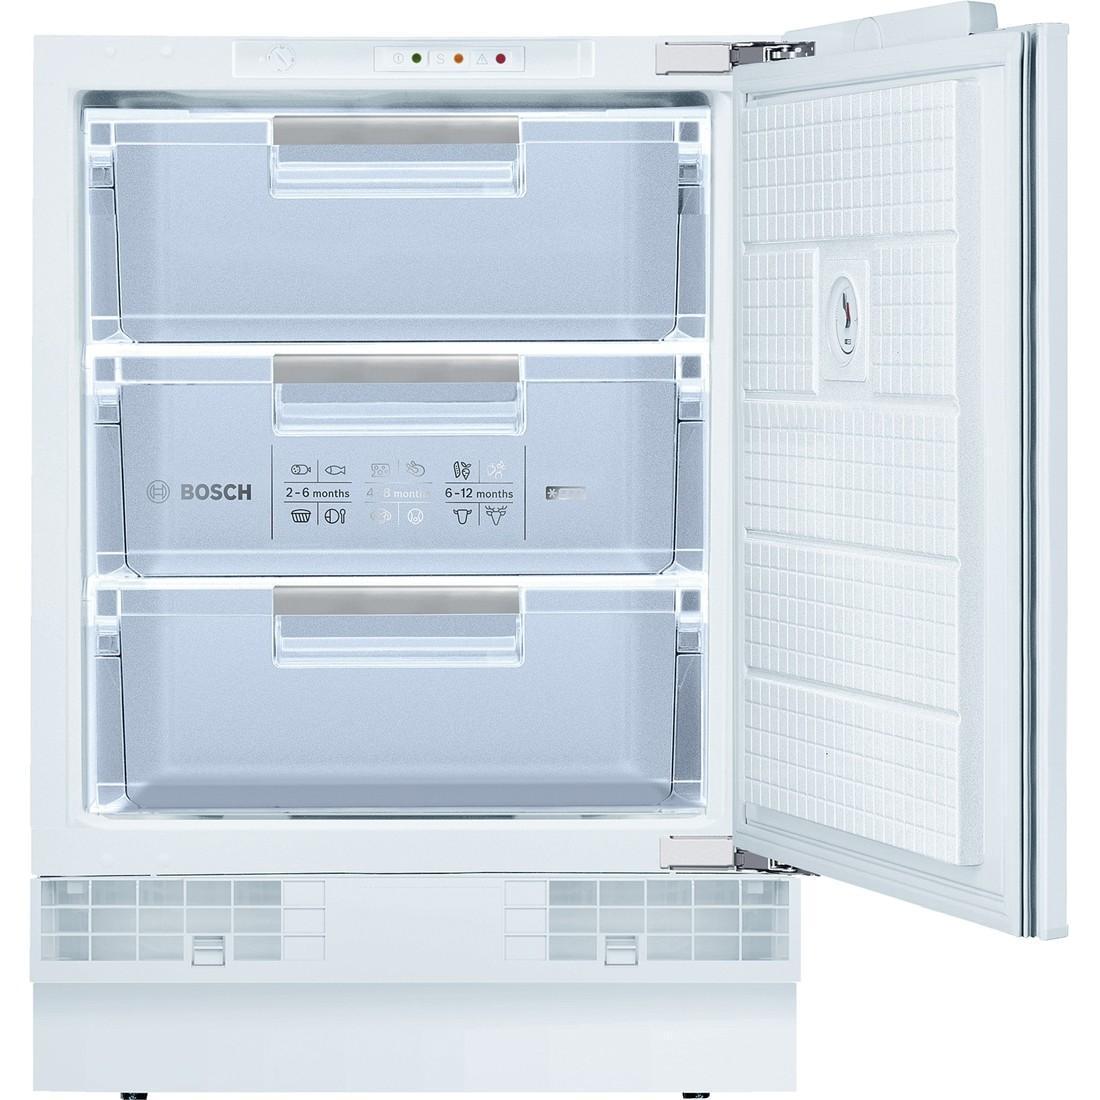 Bosch GUD15A50RU встраиваемый морозильник